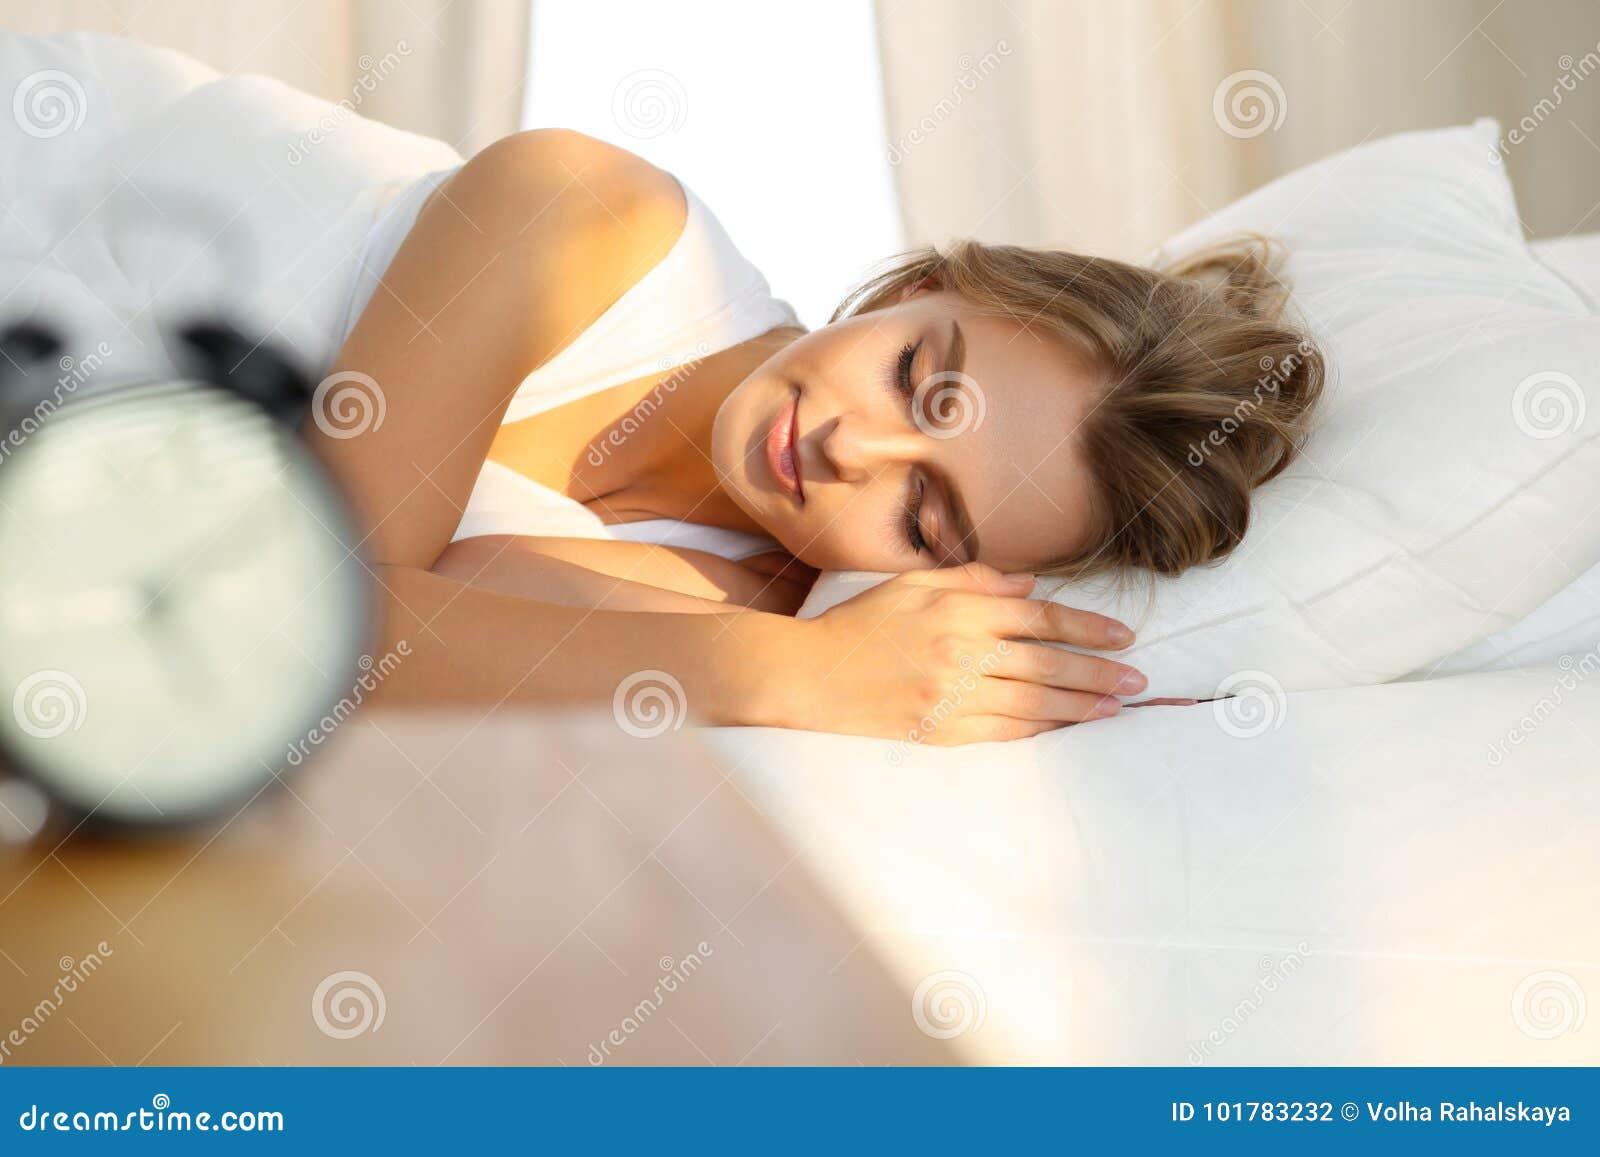 Die schöne junge schlafende Frau, beim im Bett bequem liegen und himmlisch Sonnenstrahl dämmern auf ihrem Gesicht